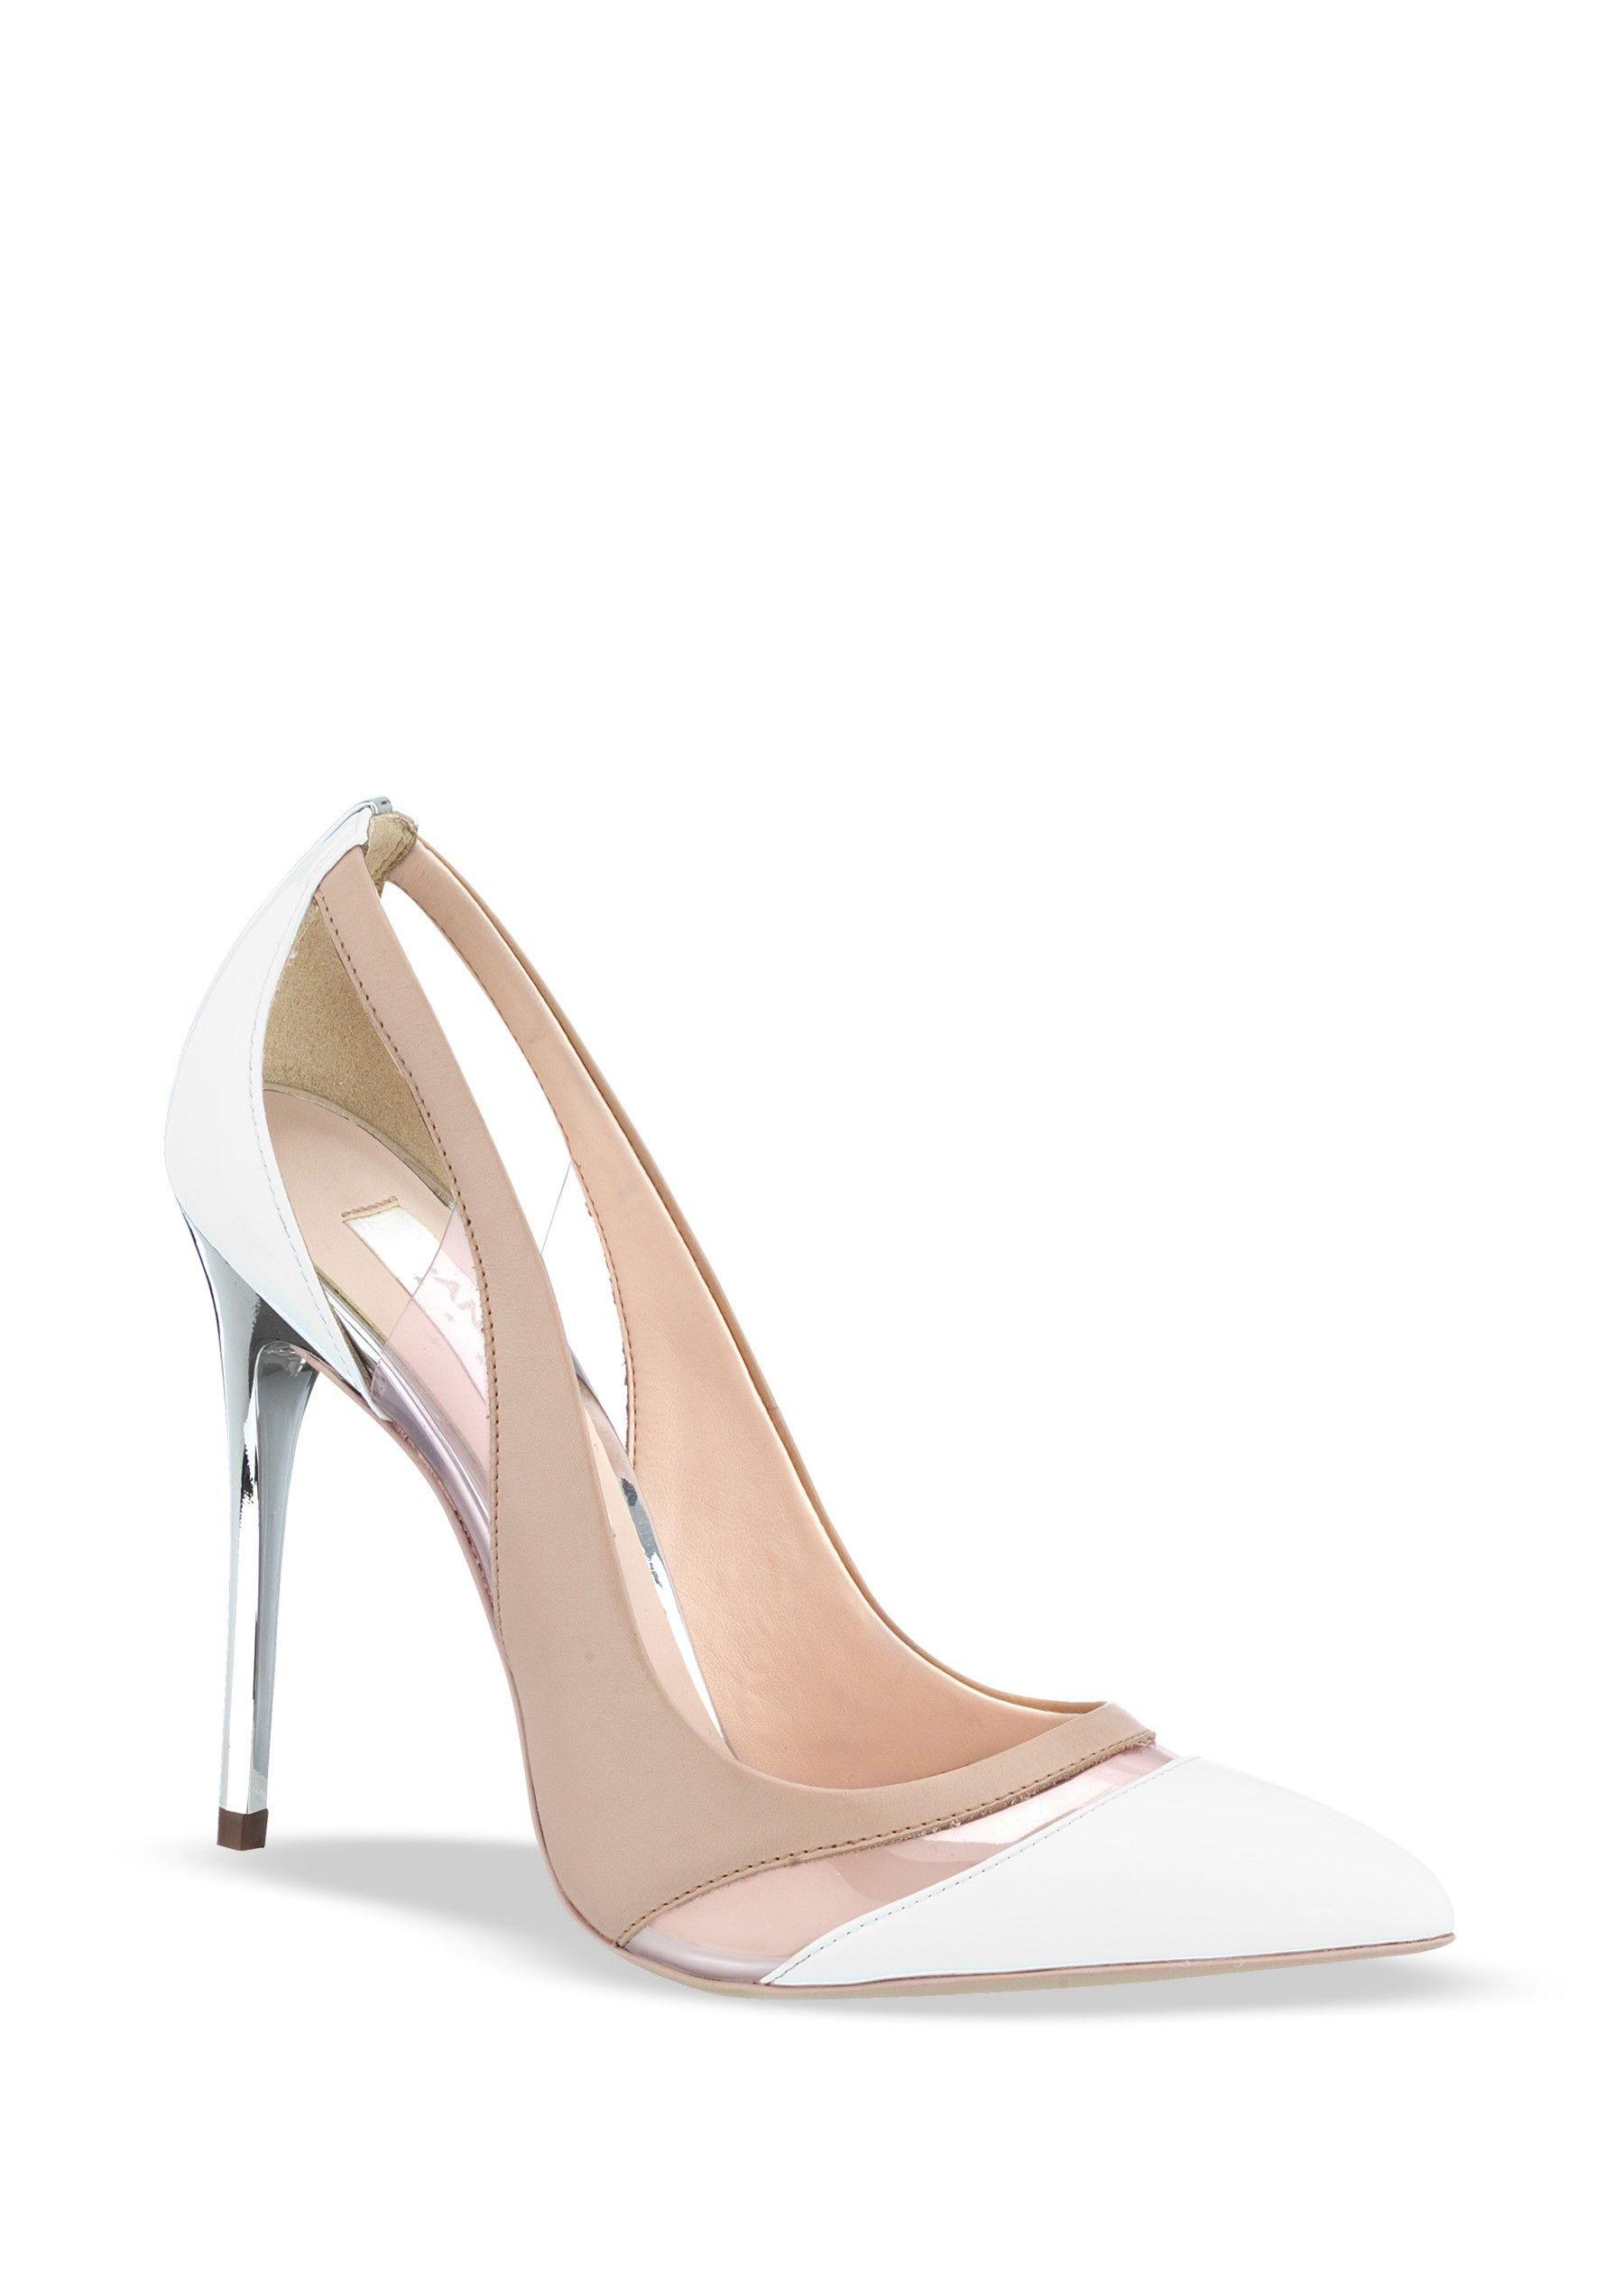 c993944a 18629 $ 68.10 Zapato semicerrado con punta pronunciada y detalle de mica en  corte, tacón cromado y combinación de colores. Color: Blanco, Beige  Material: ...